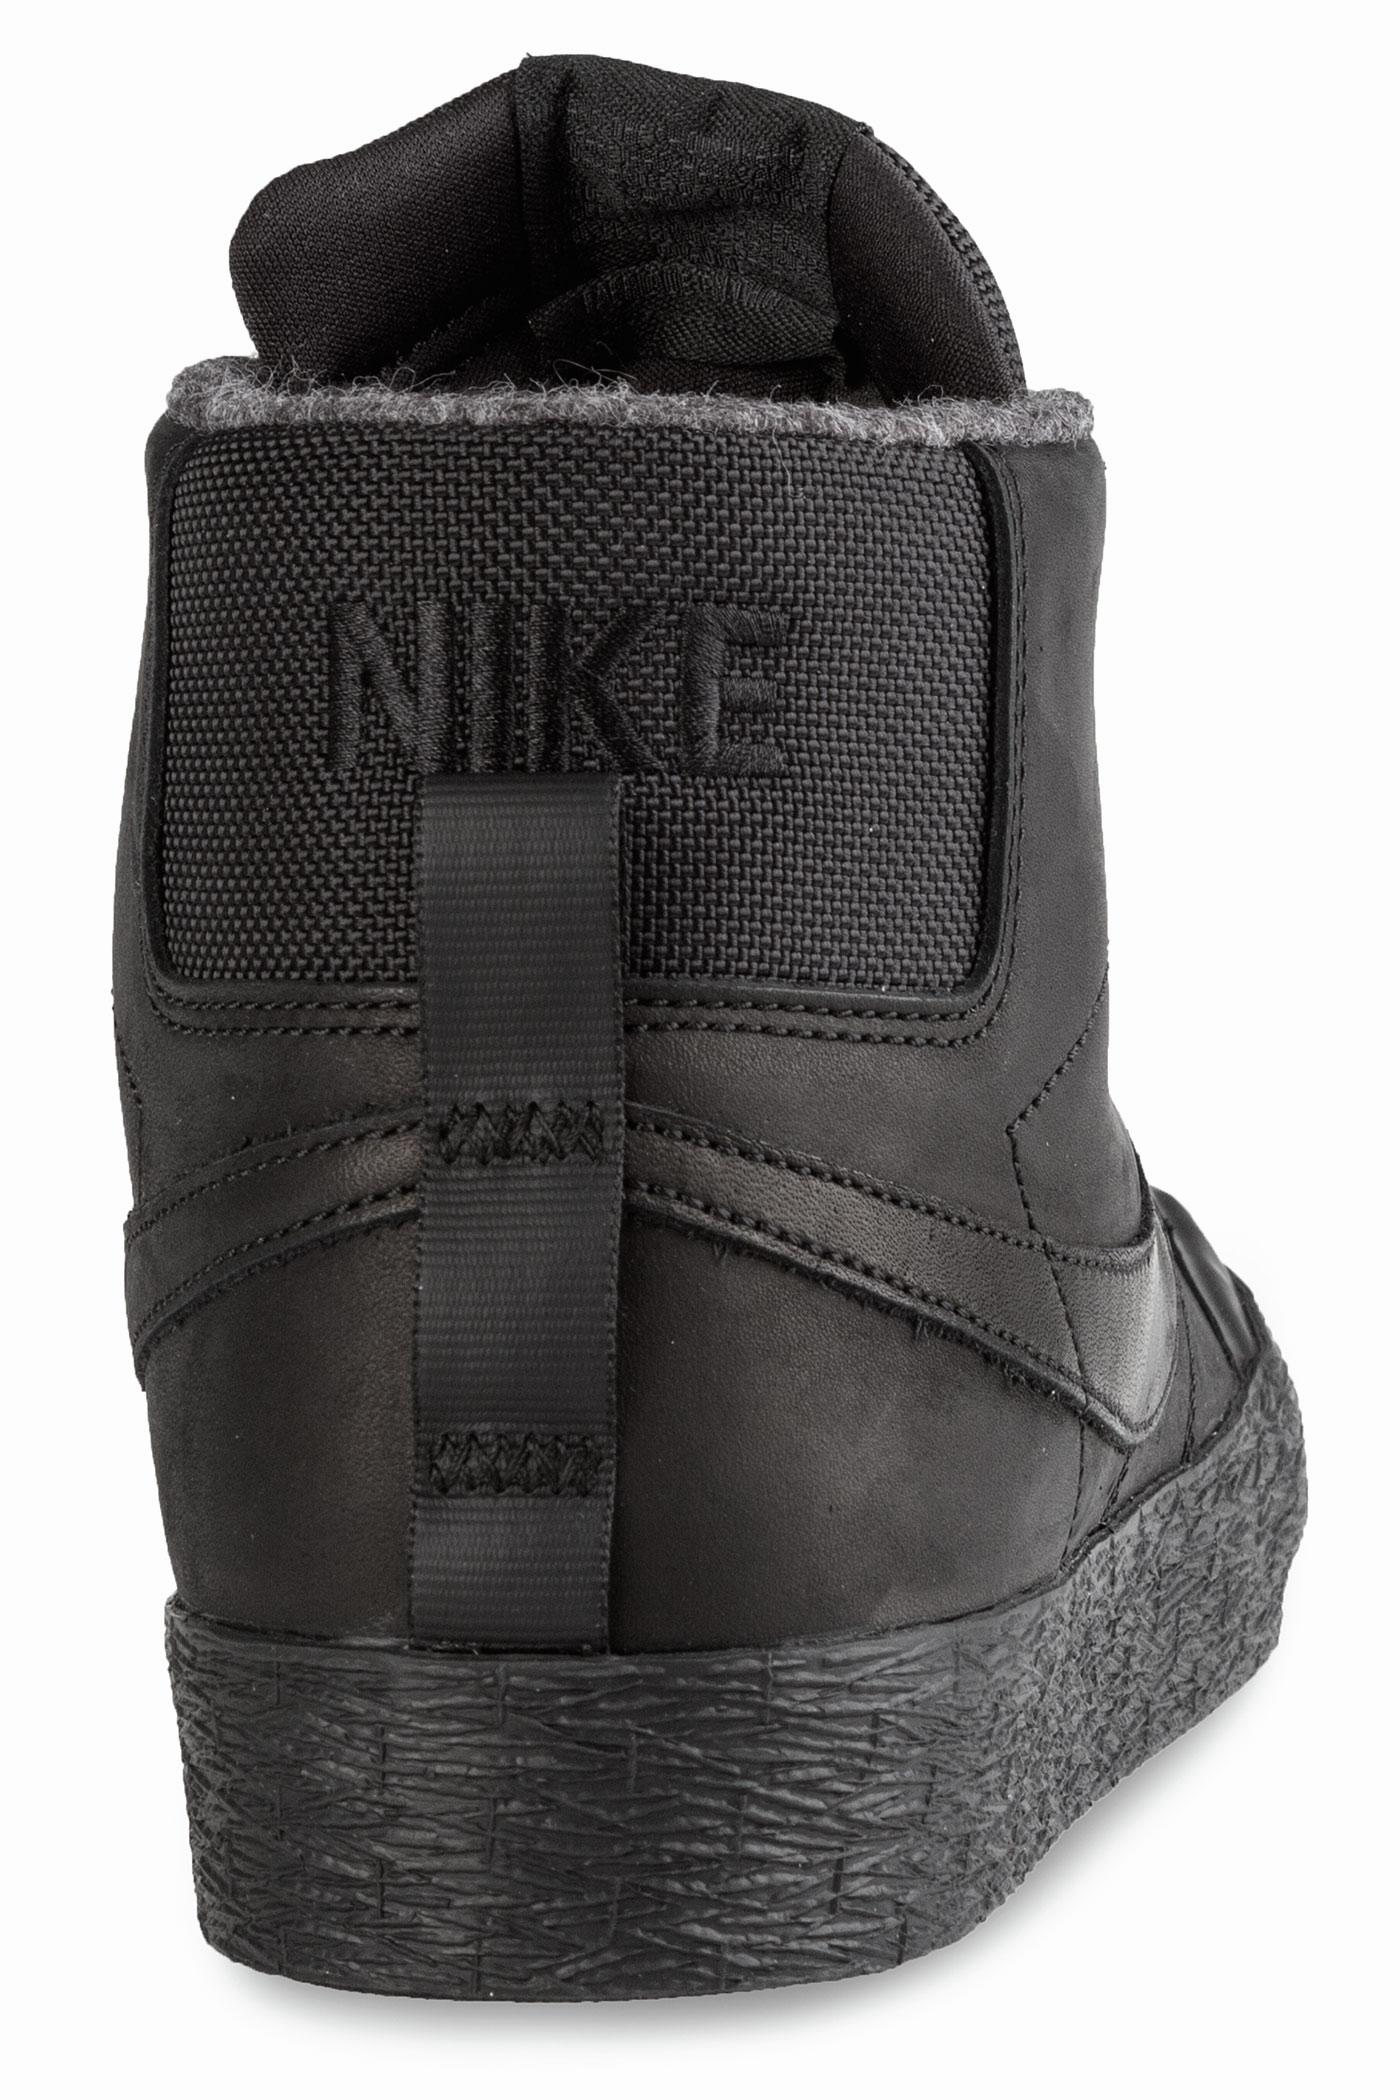 meet bfac4 db2a1 ... Nike SB Zoom Blazer Mid XT Bota Shoes (black black anthracite)